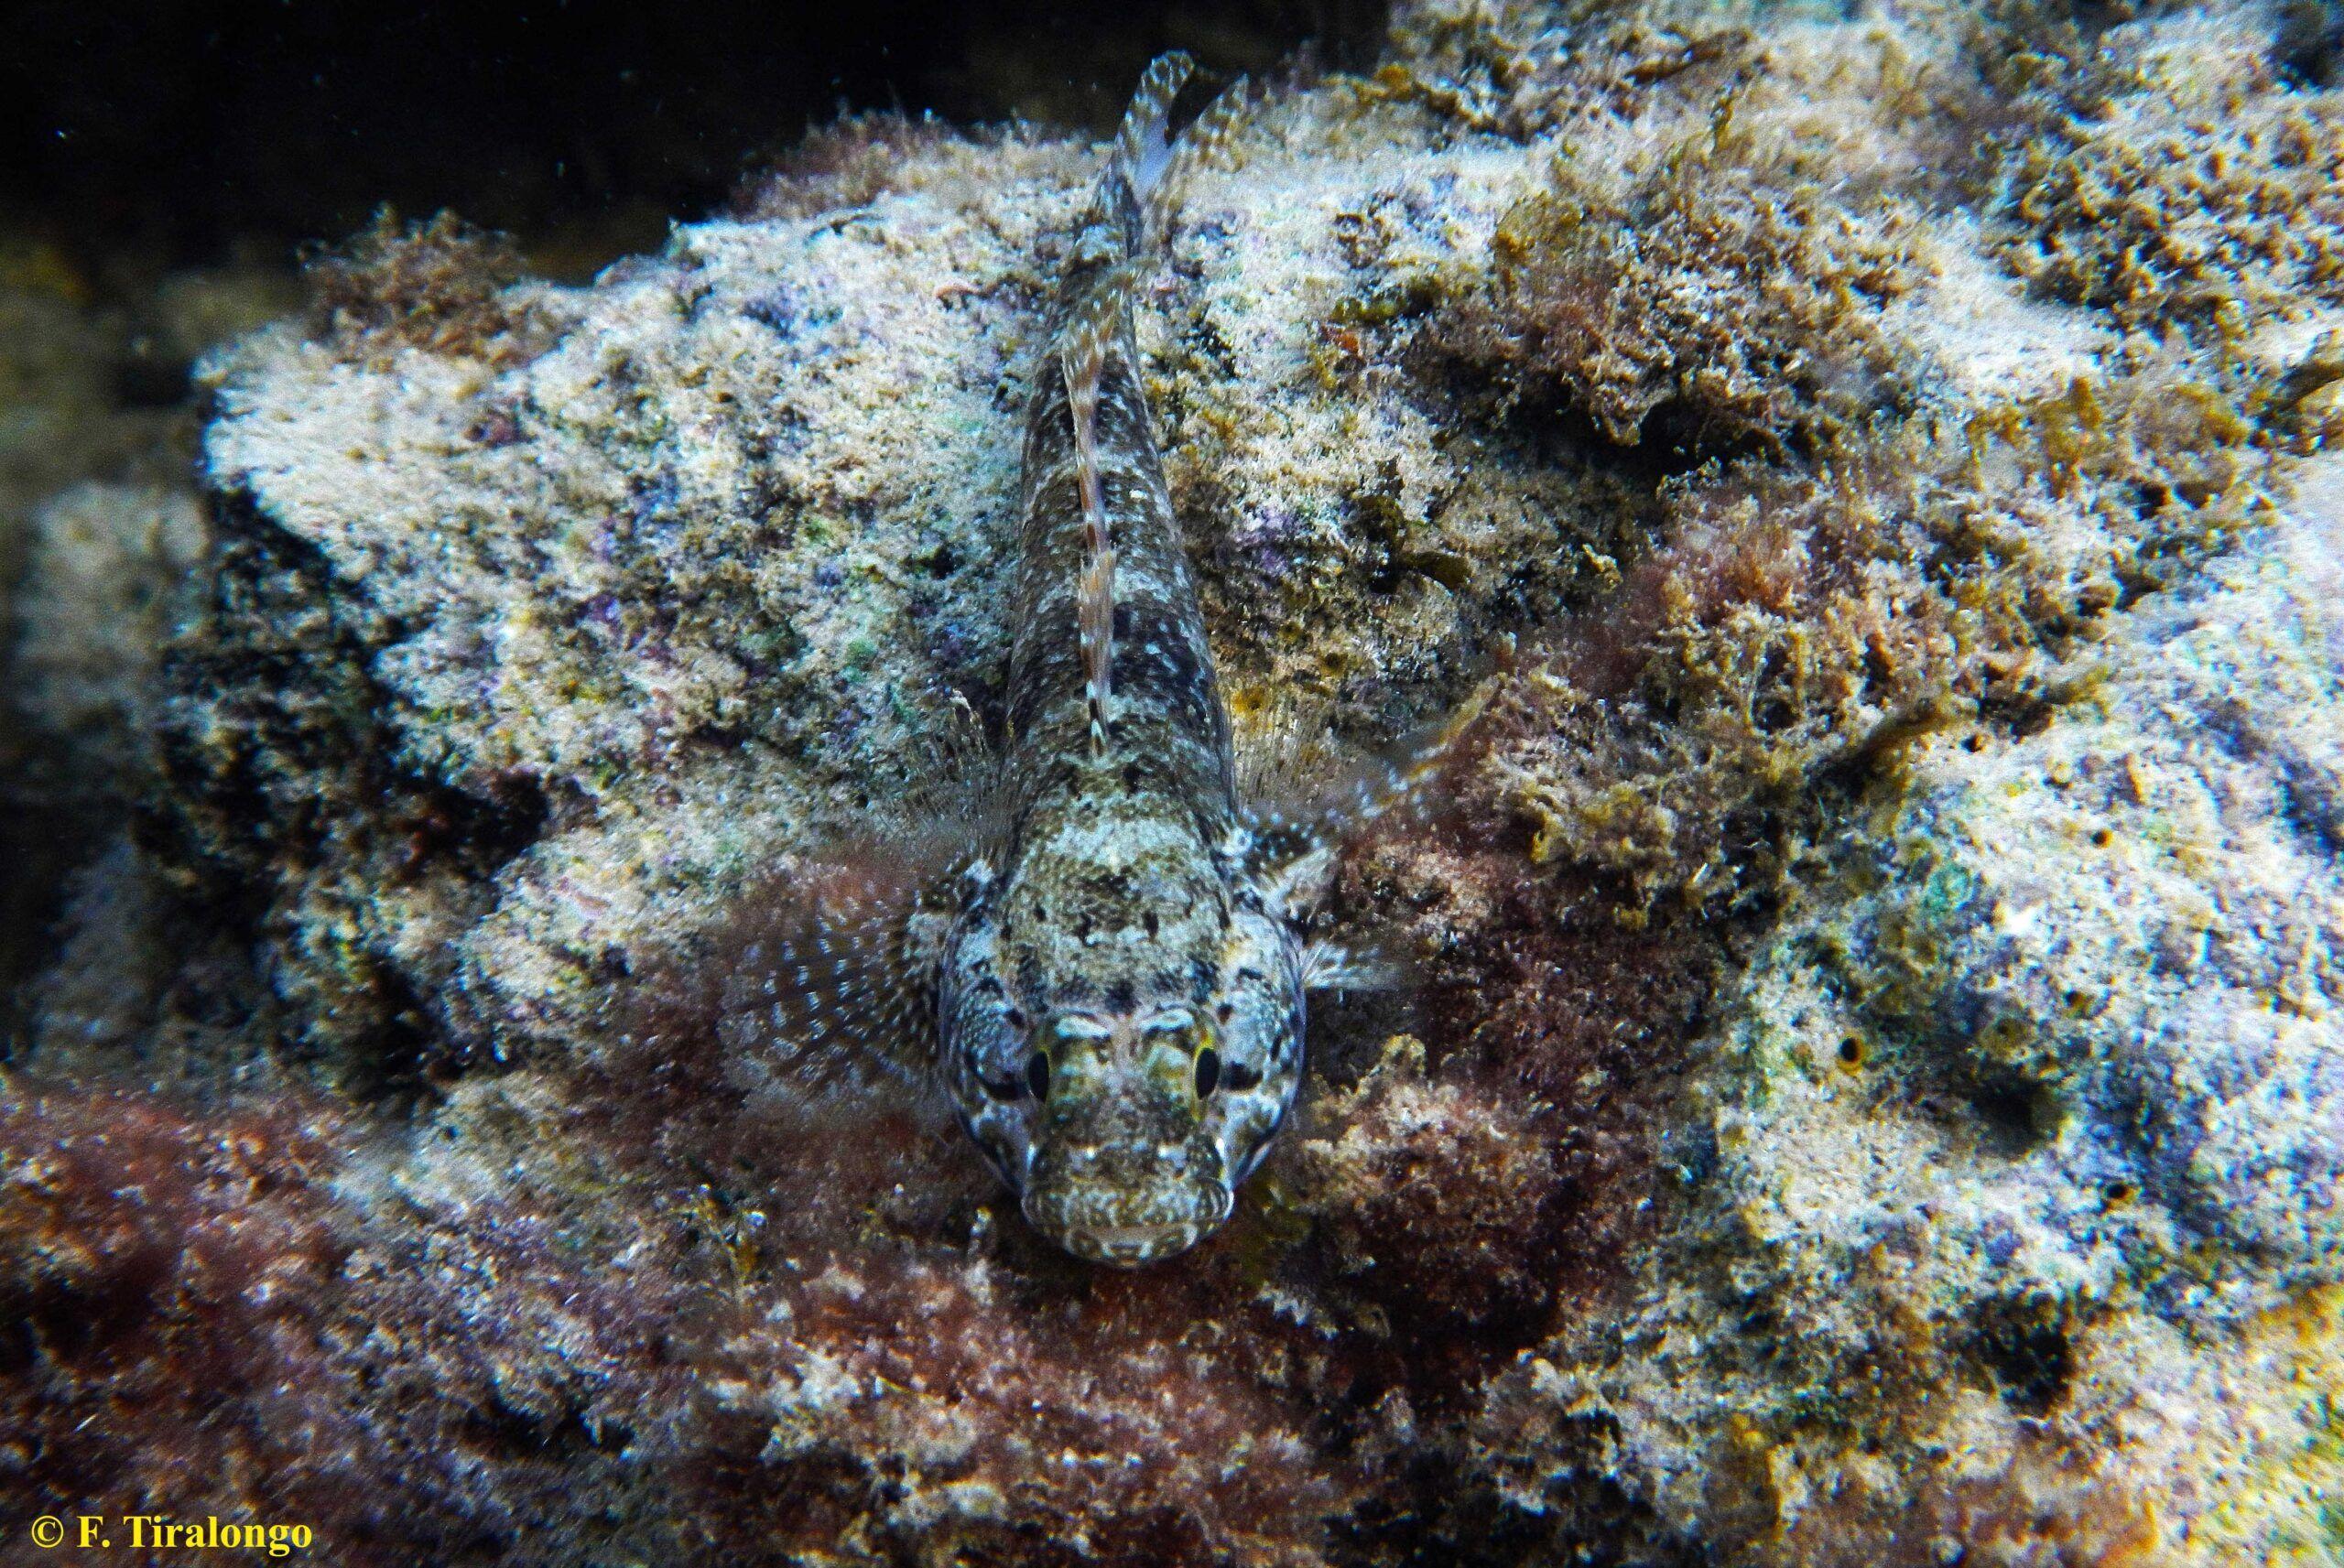 Nel Mediterraneo il ghiozzo paganello è l'antidoto naturale all'alieno granchio corridore